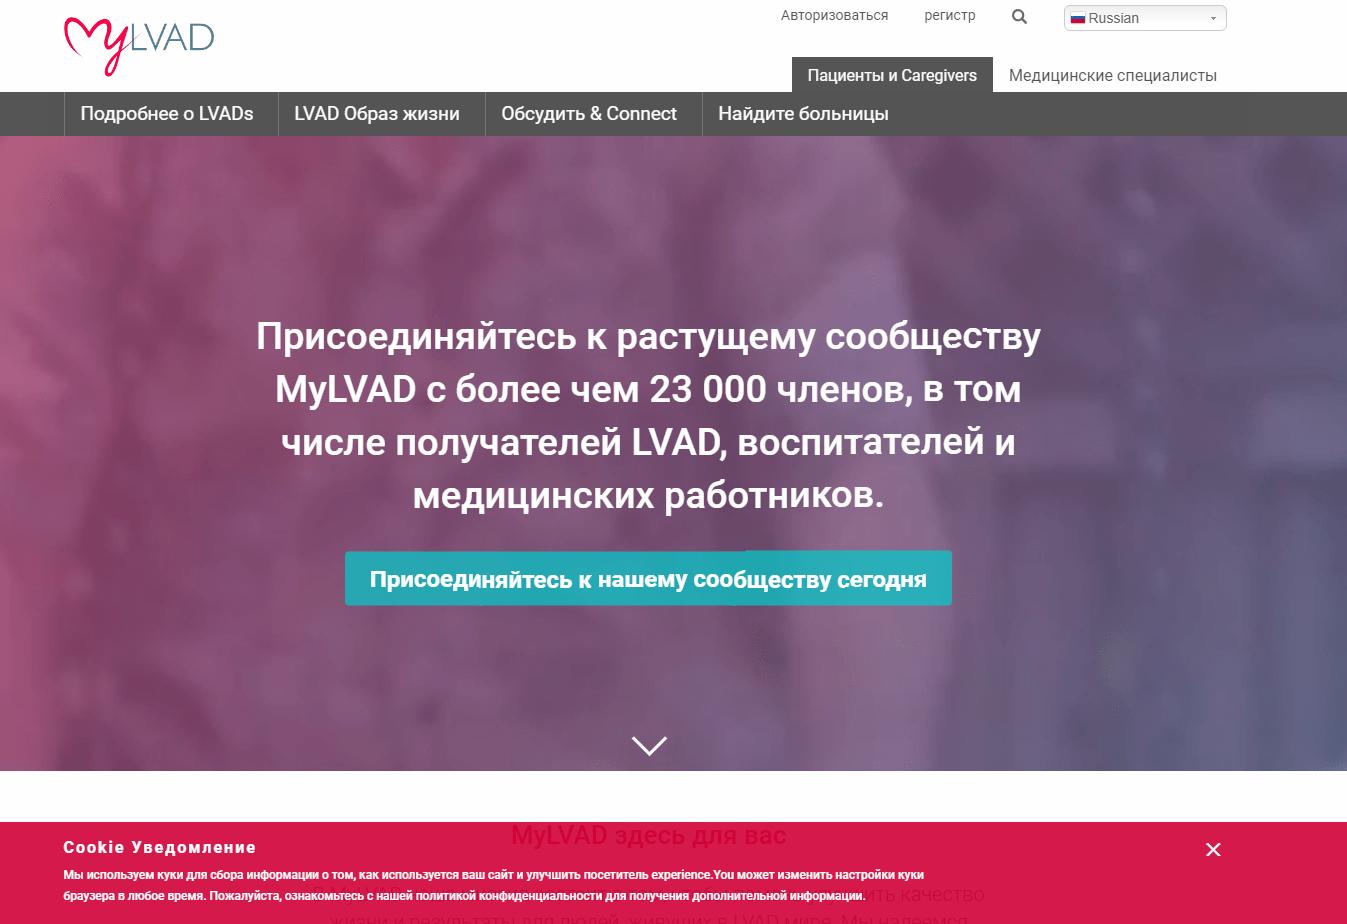 Главный экран сайта MYLVAD